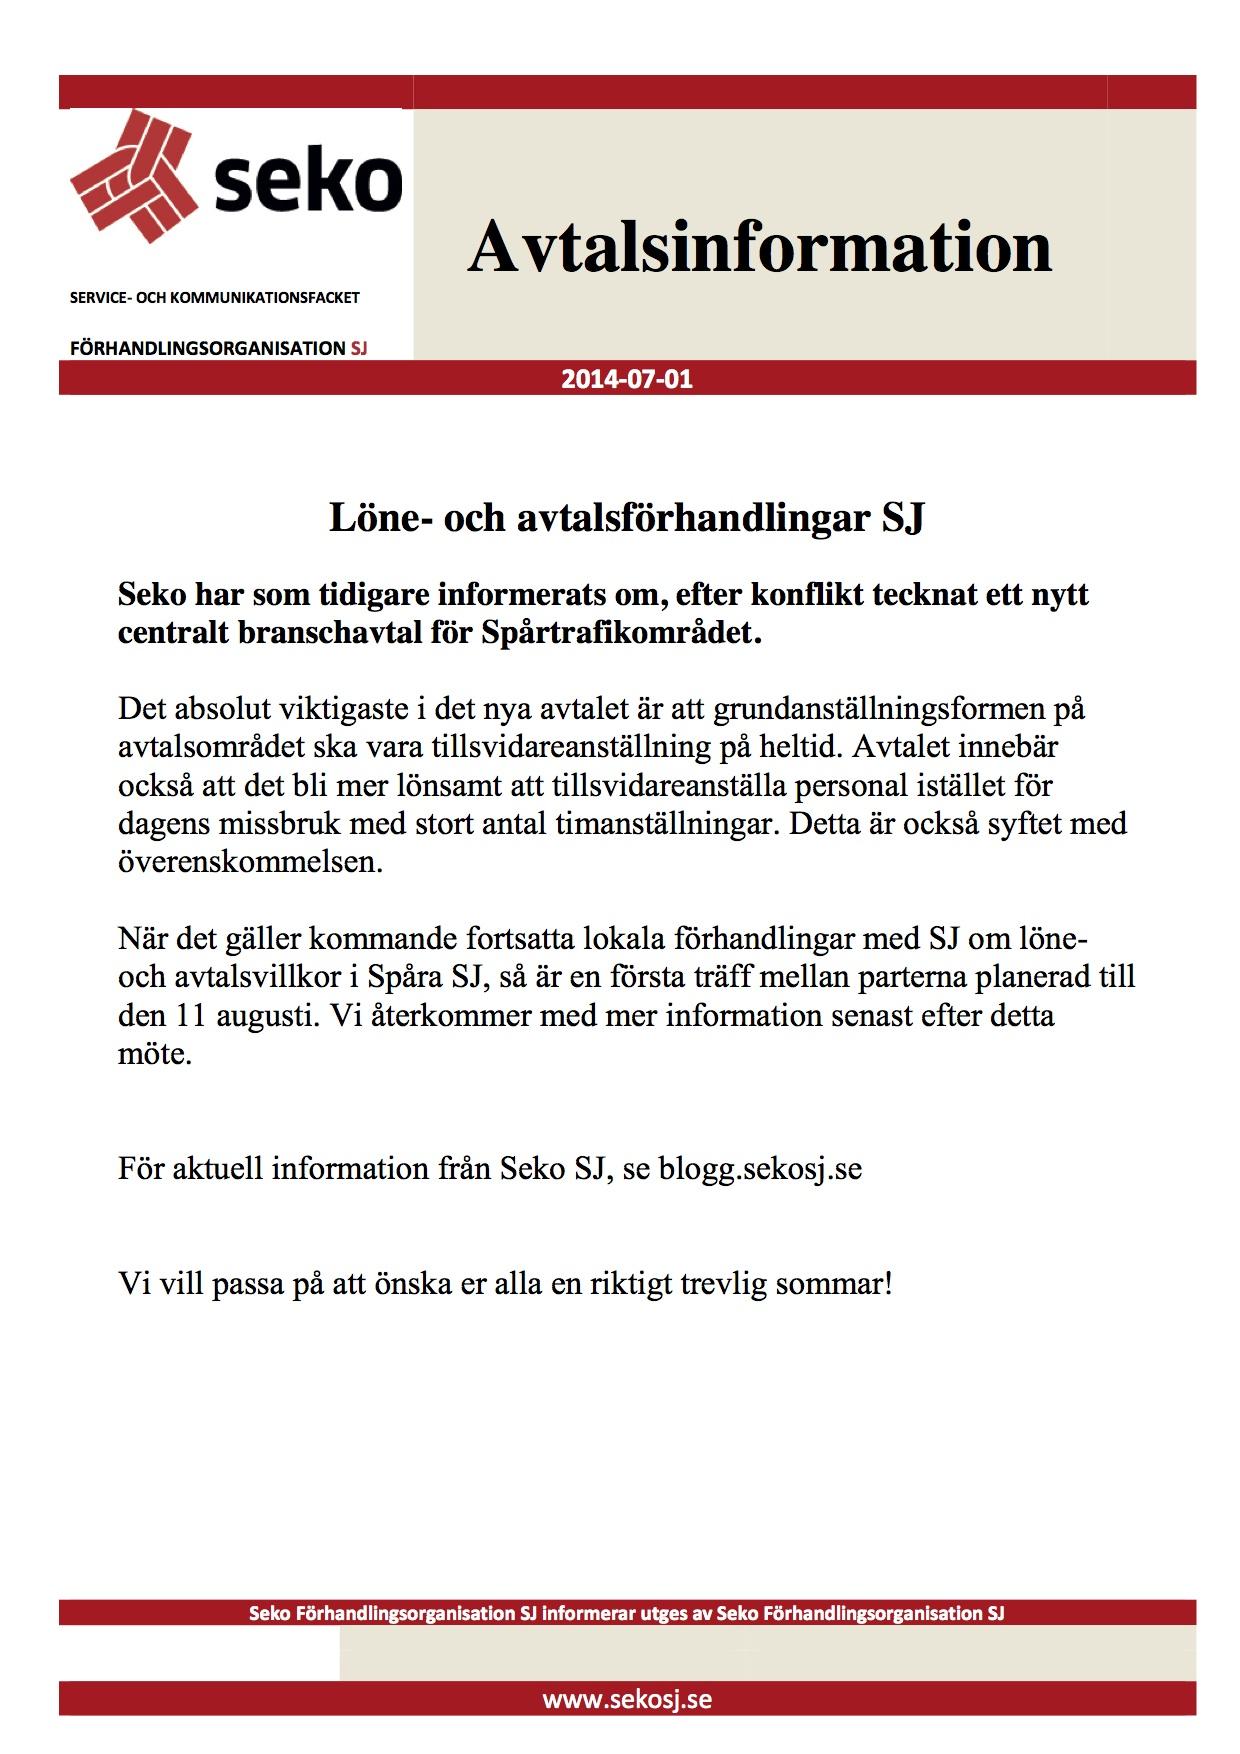 SEKO SJ Info Avtalsinformation den 1 juli 2014